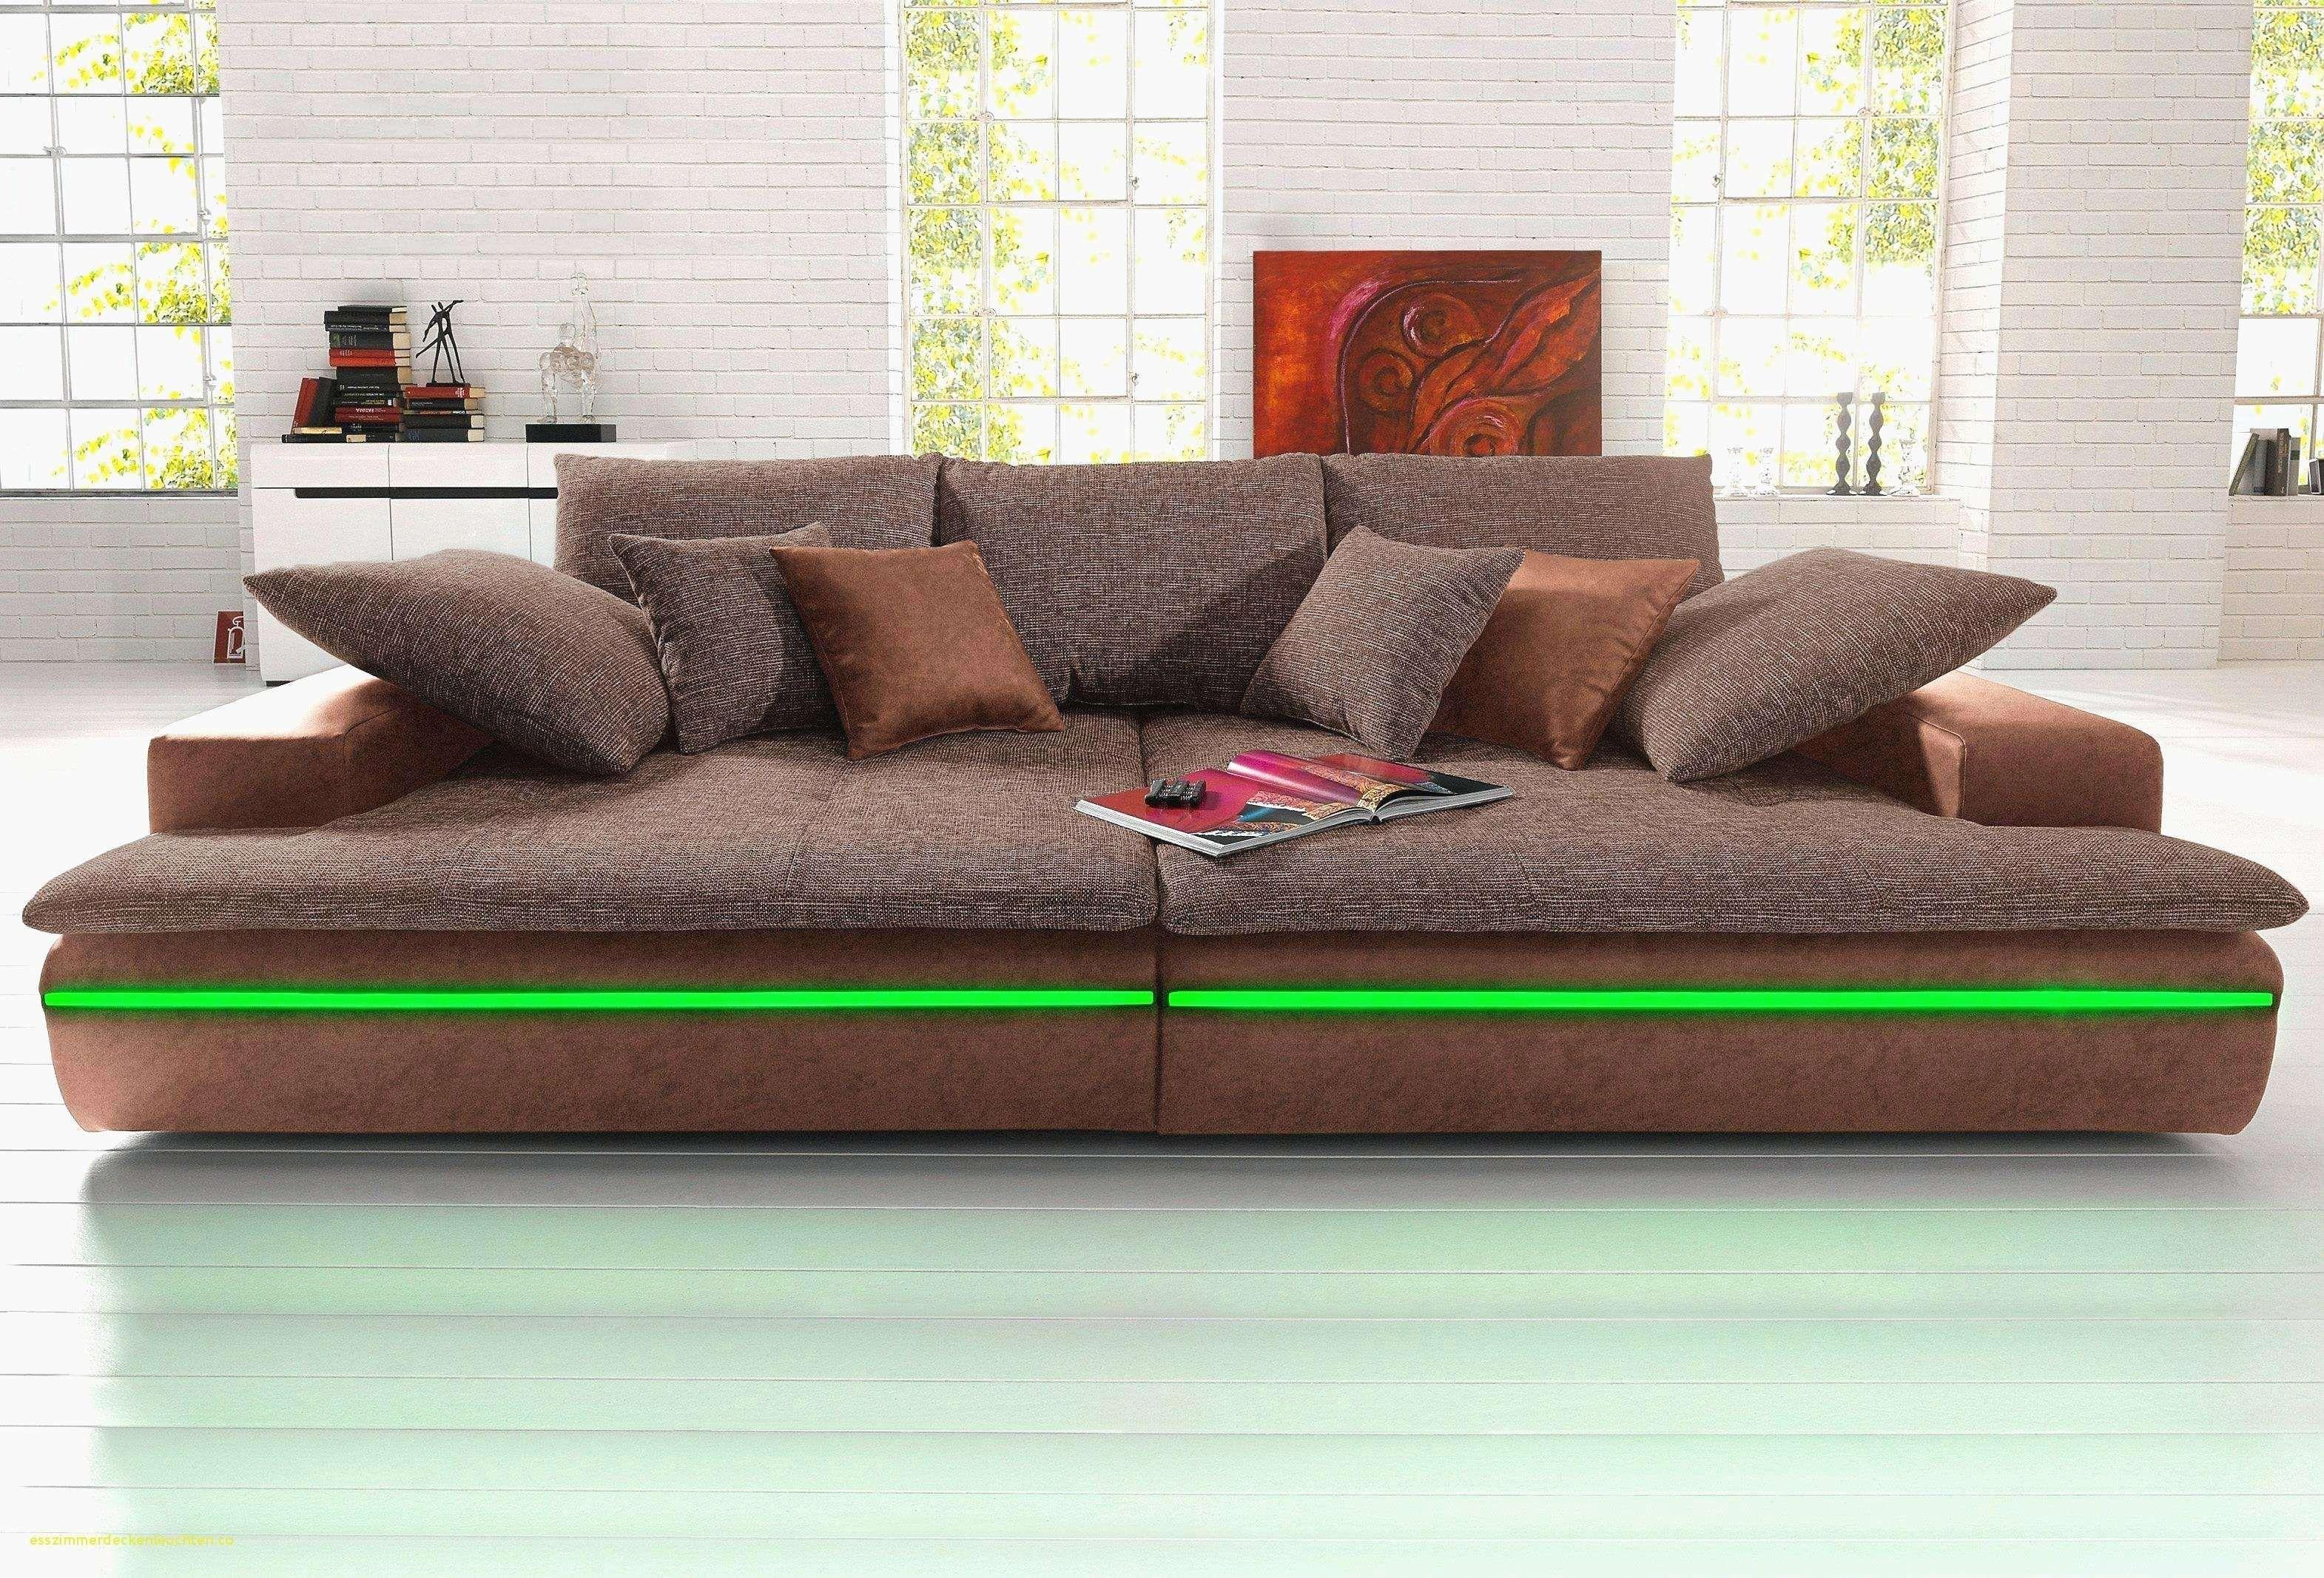 Mobel Bley Werlte Wohnideen Mobel Neueste Mobel Bley Werlte Planen Wohnideen Mobel Wohnideen Mobel Wohnid In 2020 Couches Living Room Bedroom Sofa Big Sofas